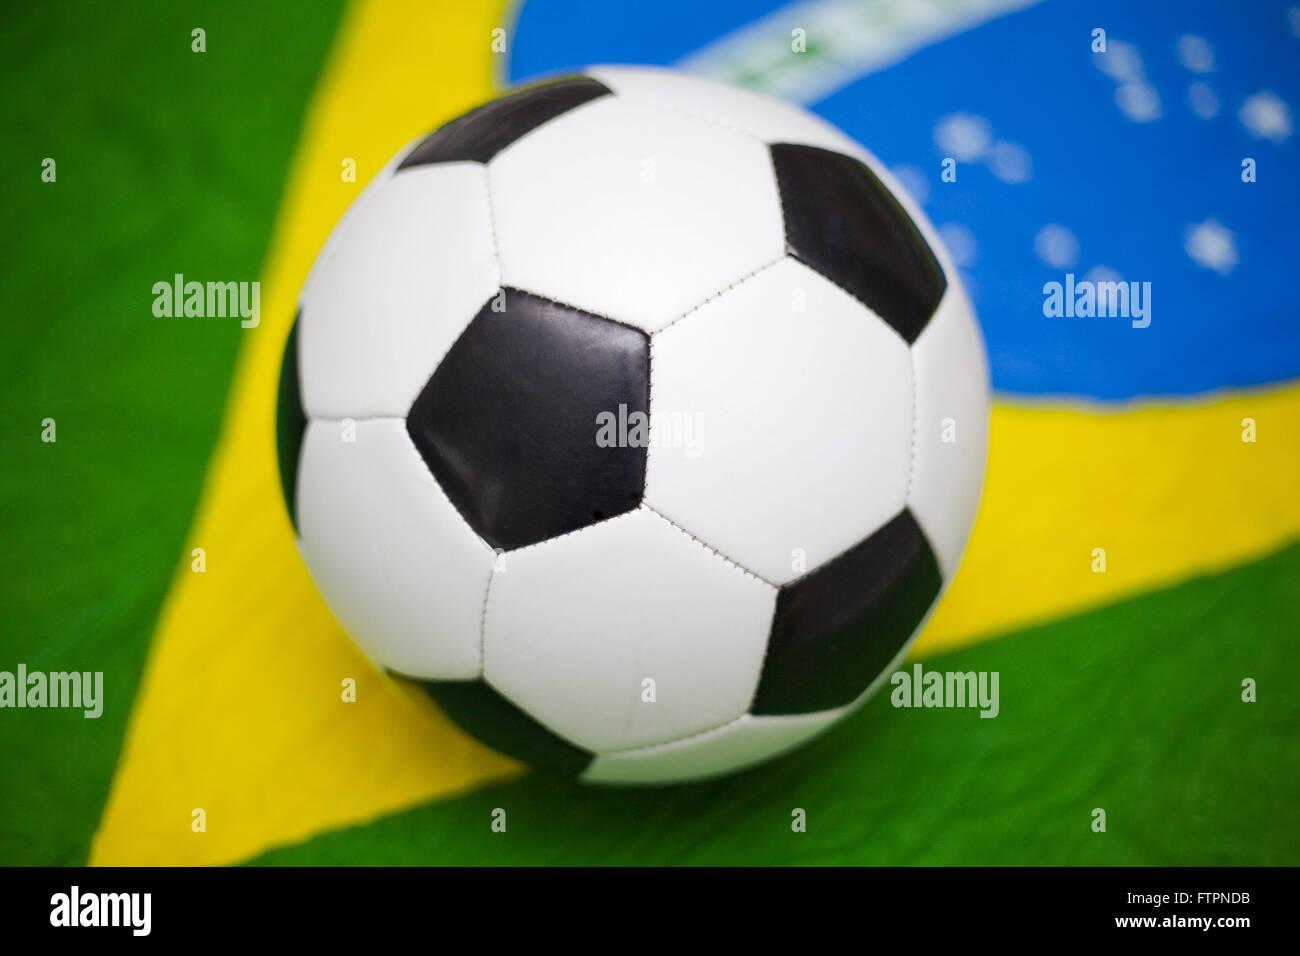 Fußball und brasilianische Flagge Stockbild